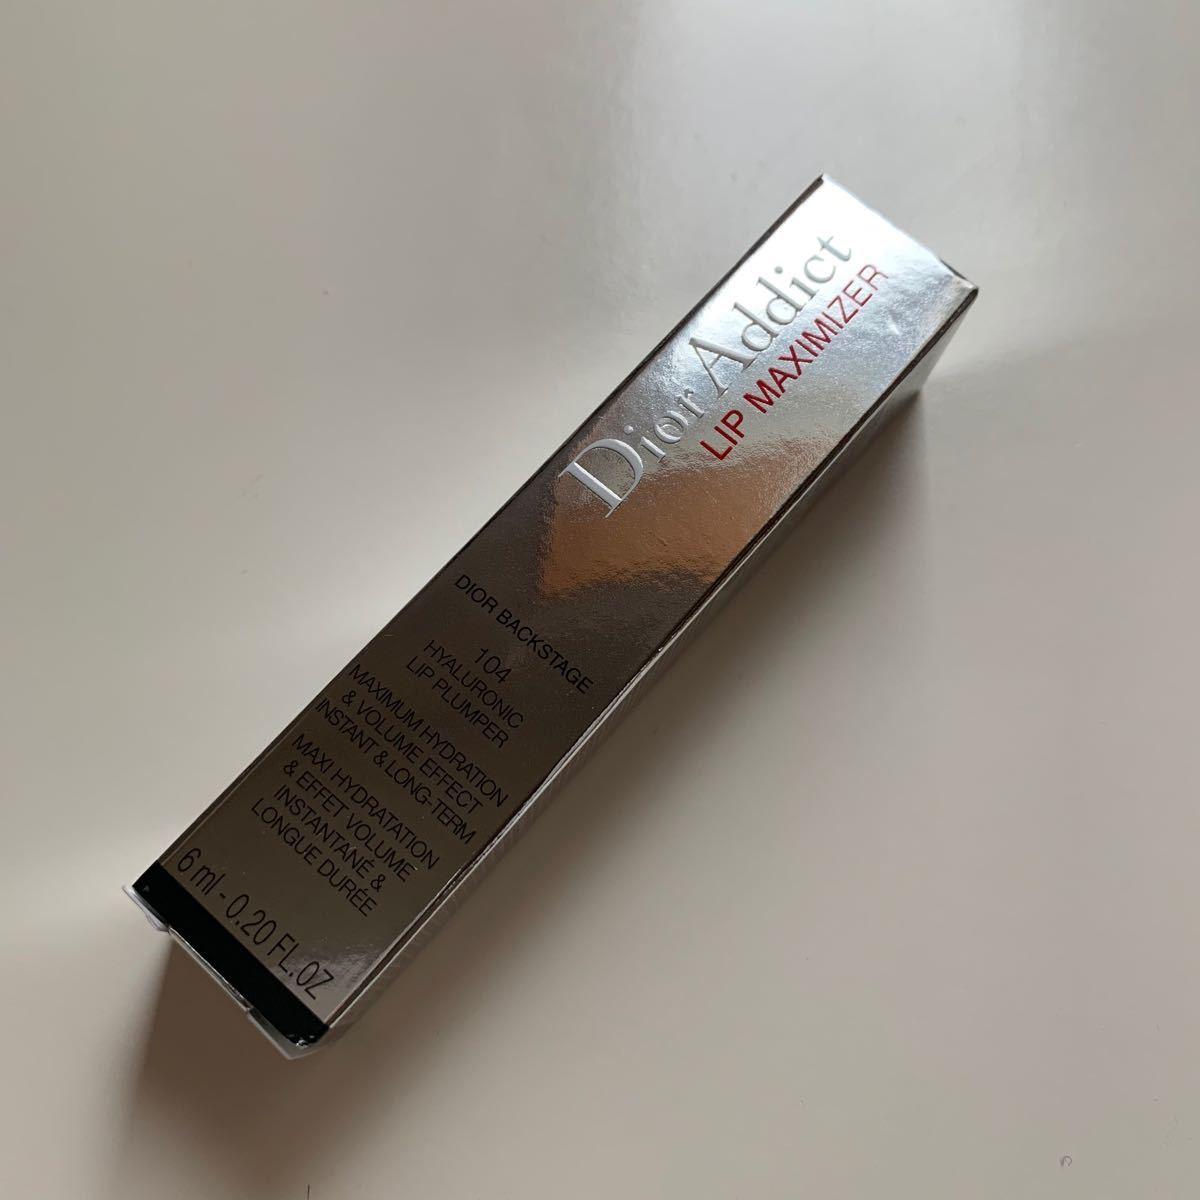 Dior ディオール アディクト リップマキシマイザー 104 ローズゴールド